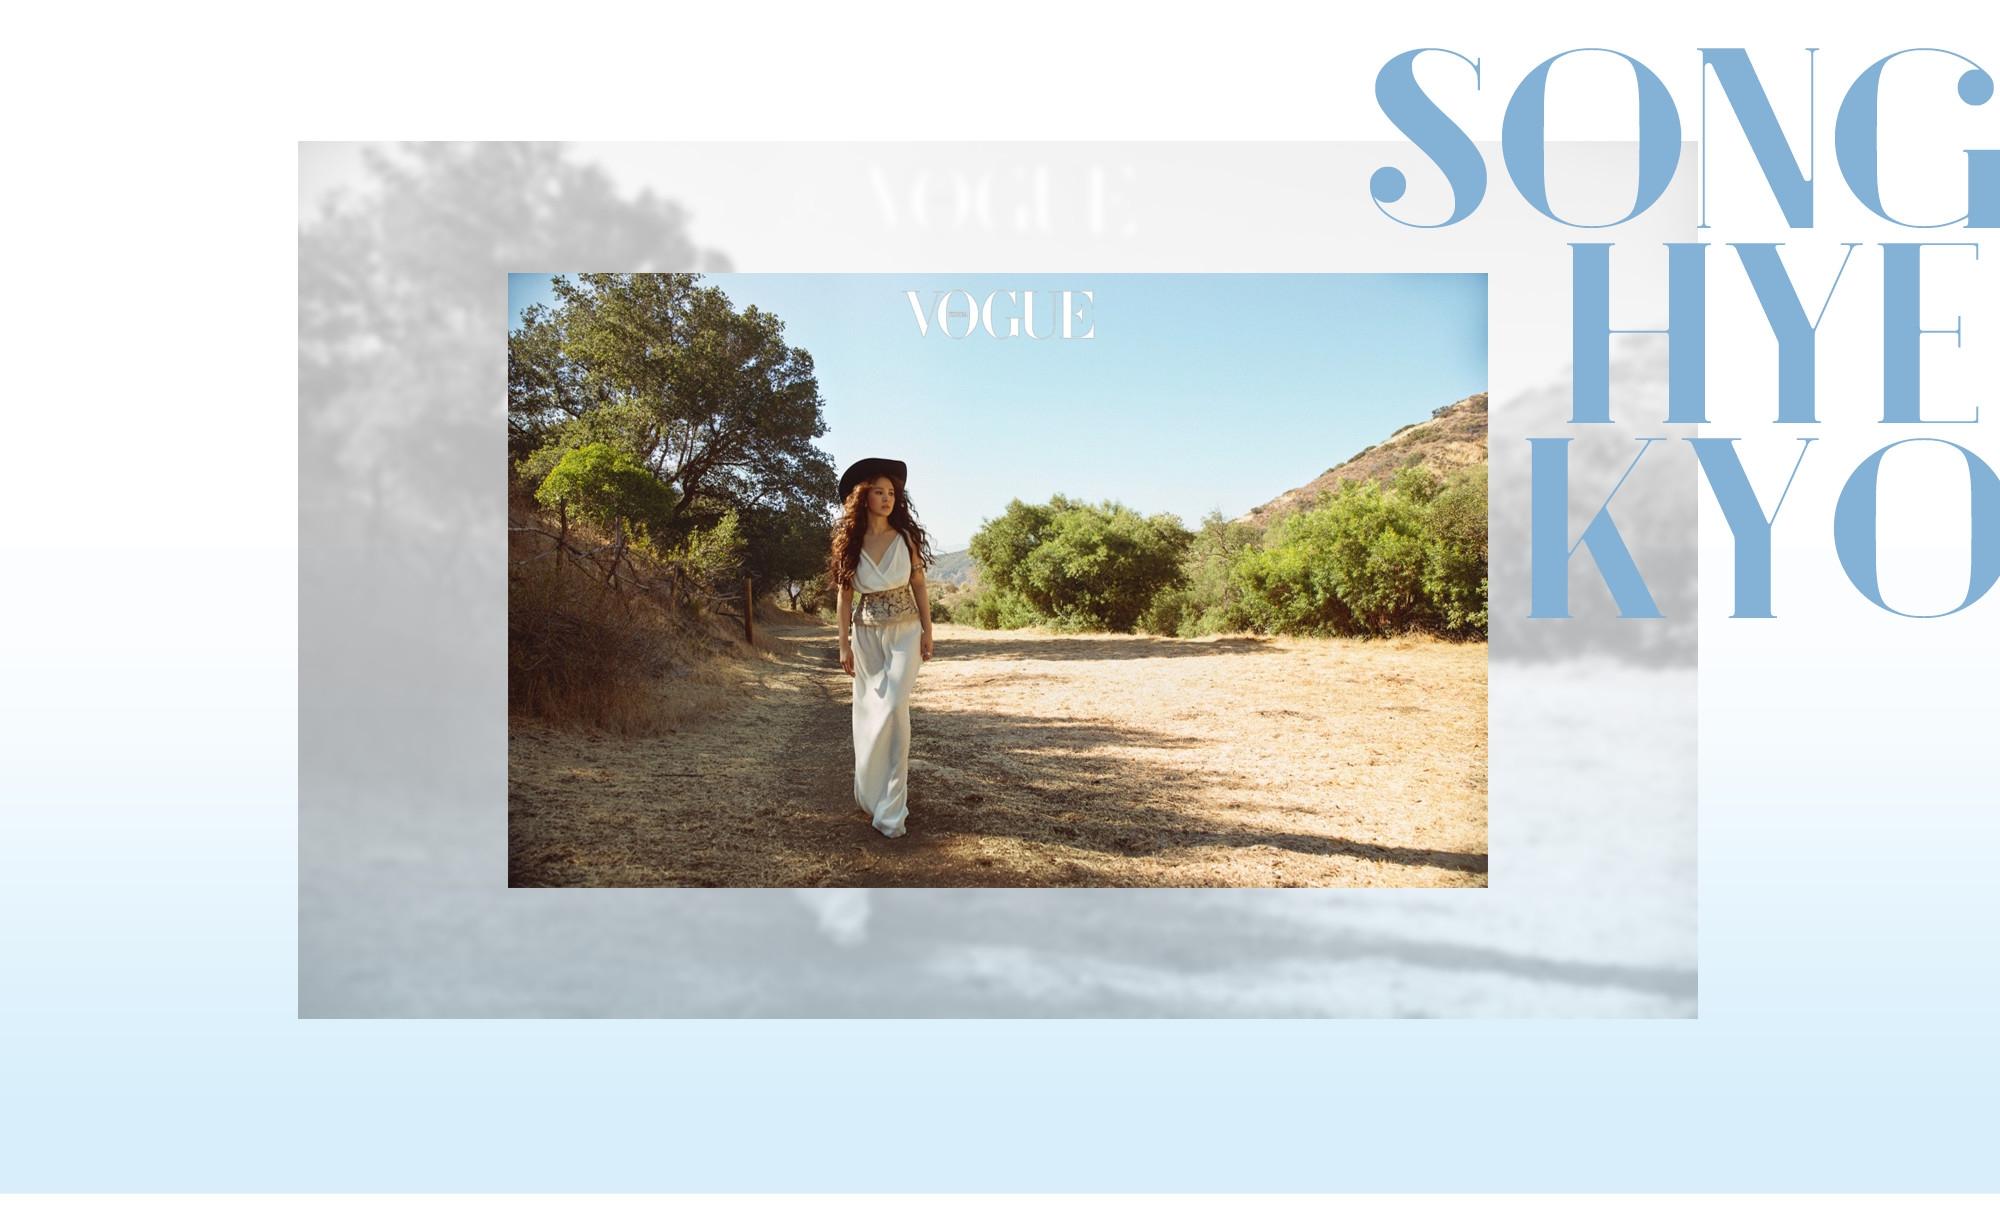 Niềm cảm hứng mang tên Song Hye Kyo: Nếu hạnh phúc chưa đến, có thể vì nó đang tắc đường - Ảnh 5.